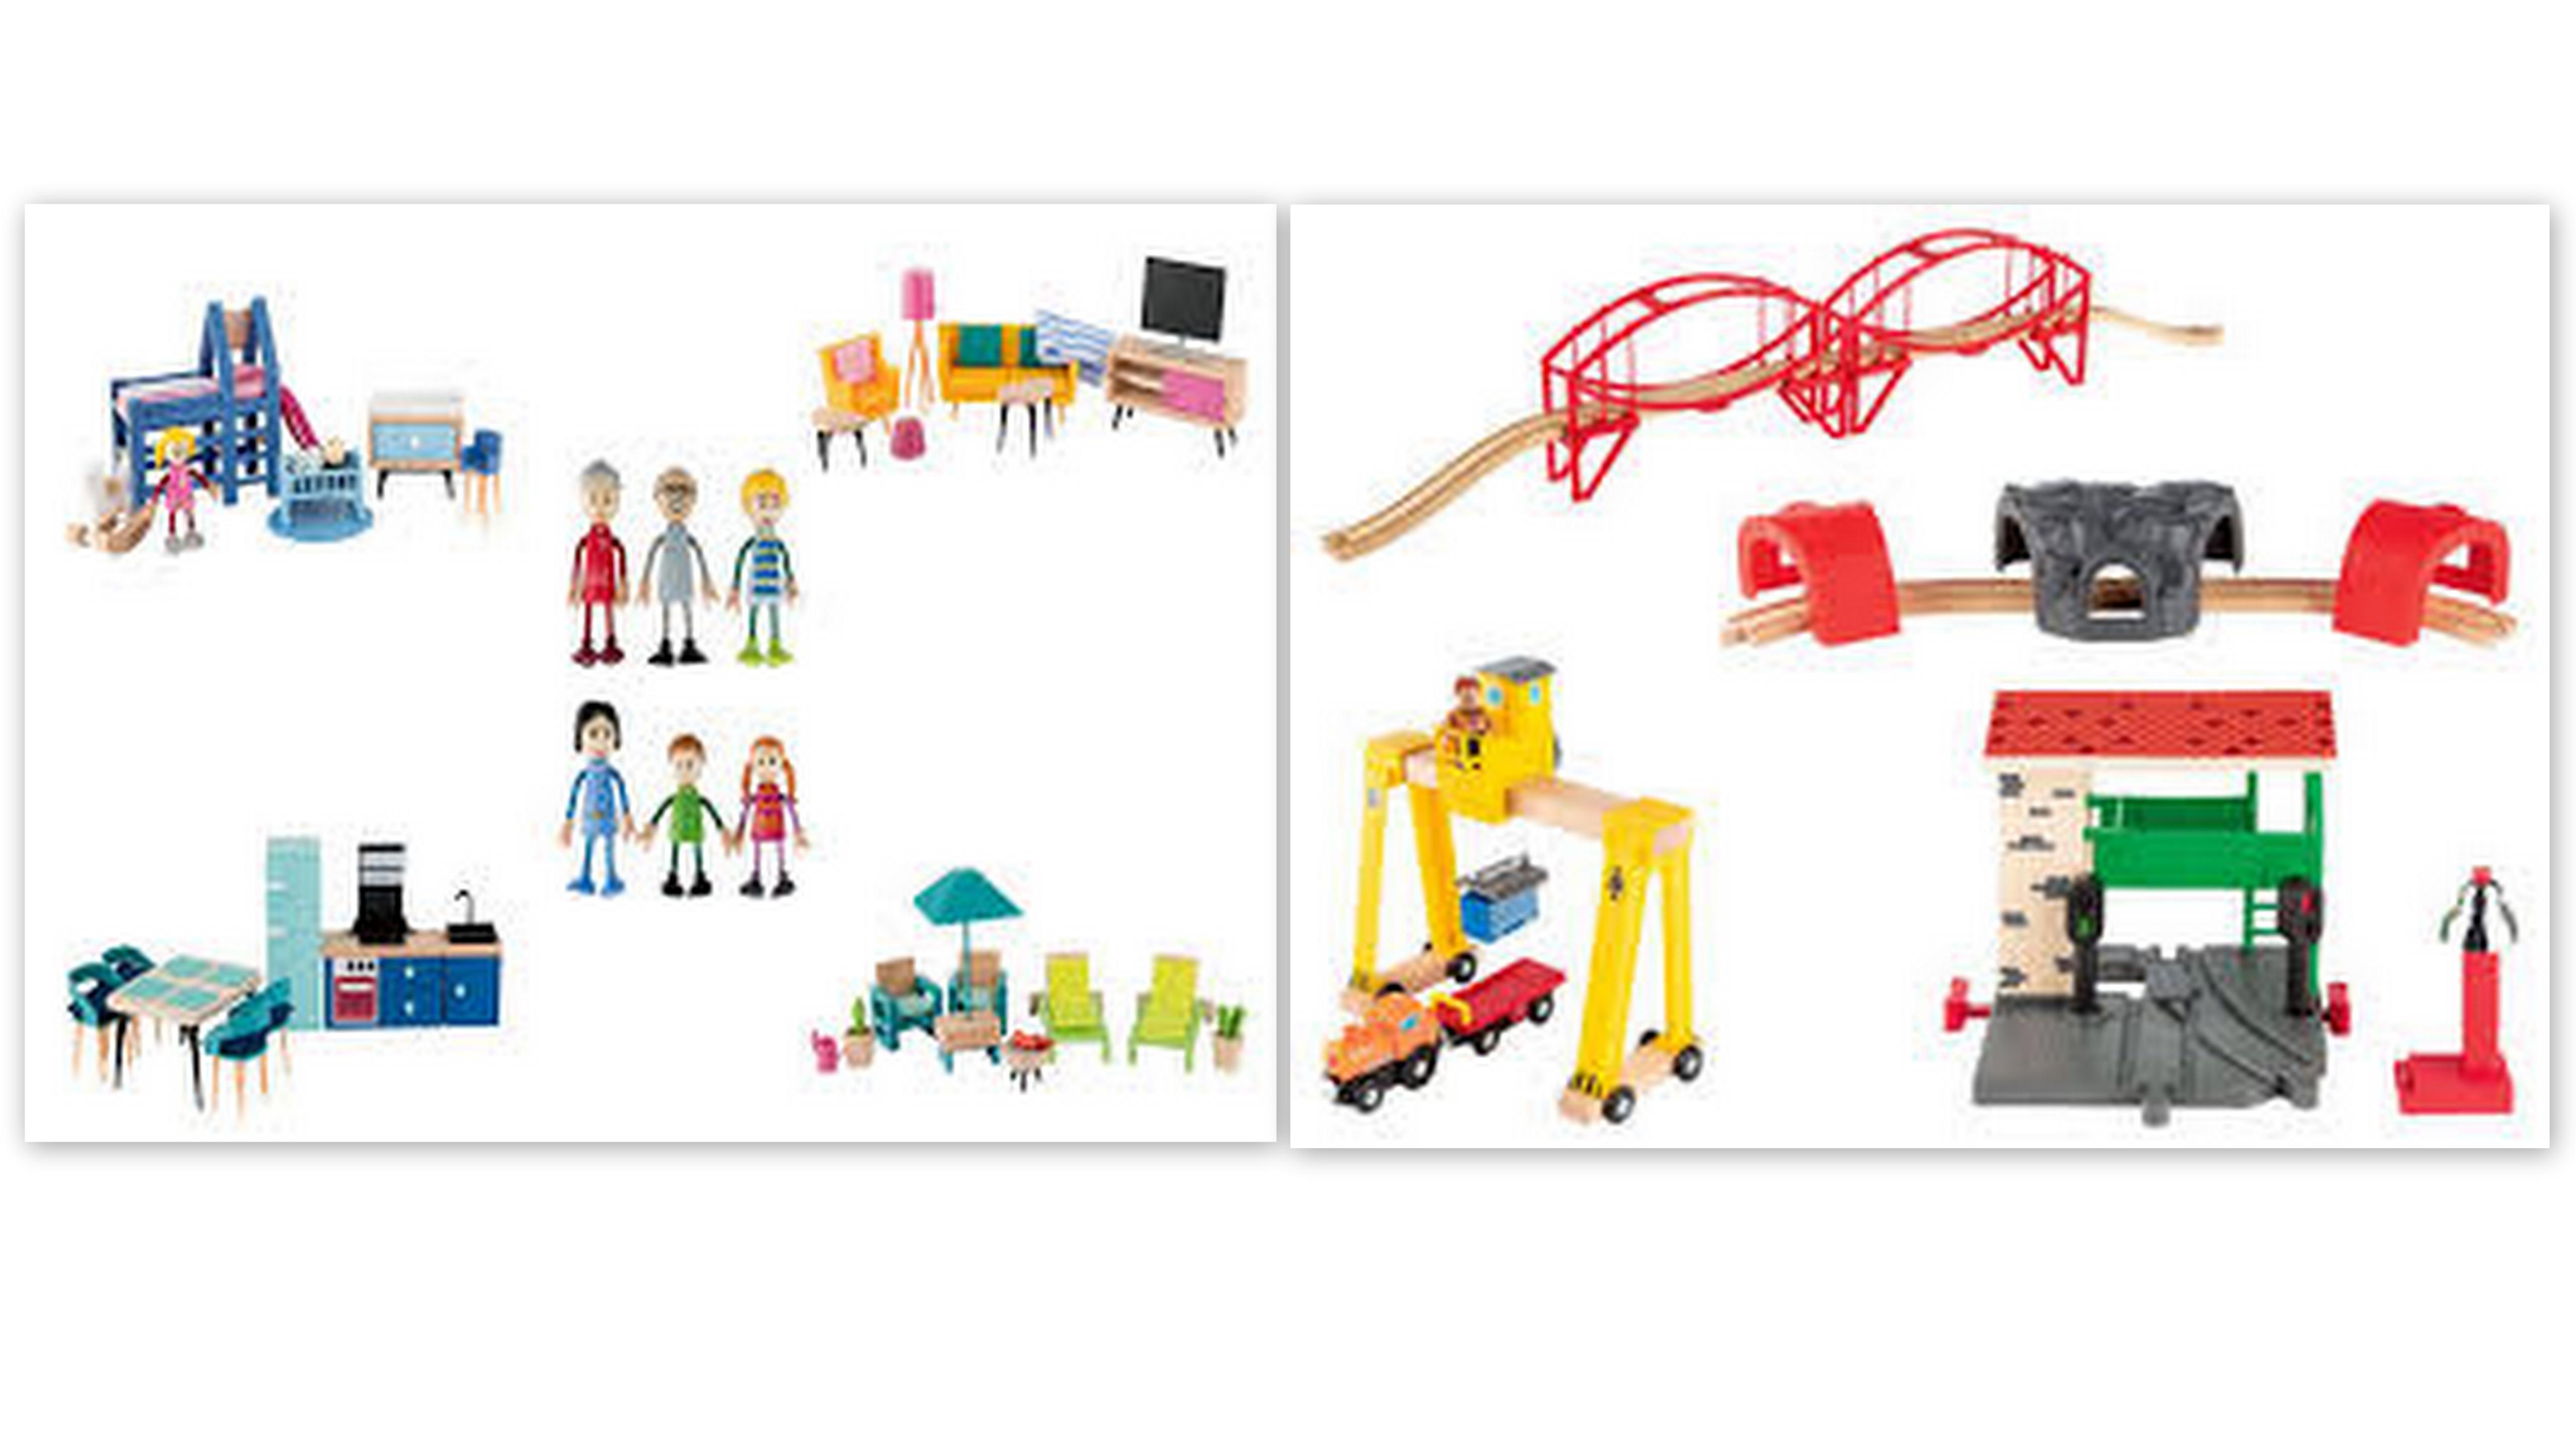 PLAYTIVE® zabawki drewniane Lidl stacjonarnie mebelki, akcesoria do kolejki i inne